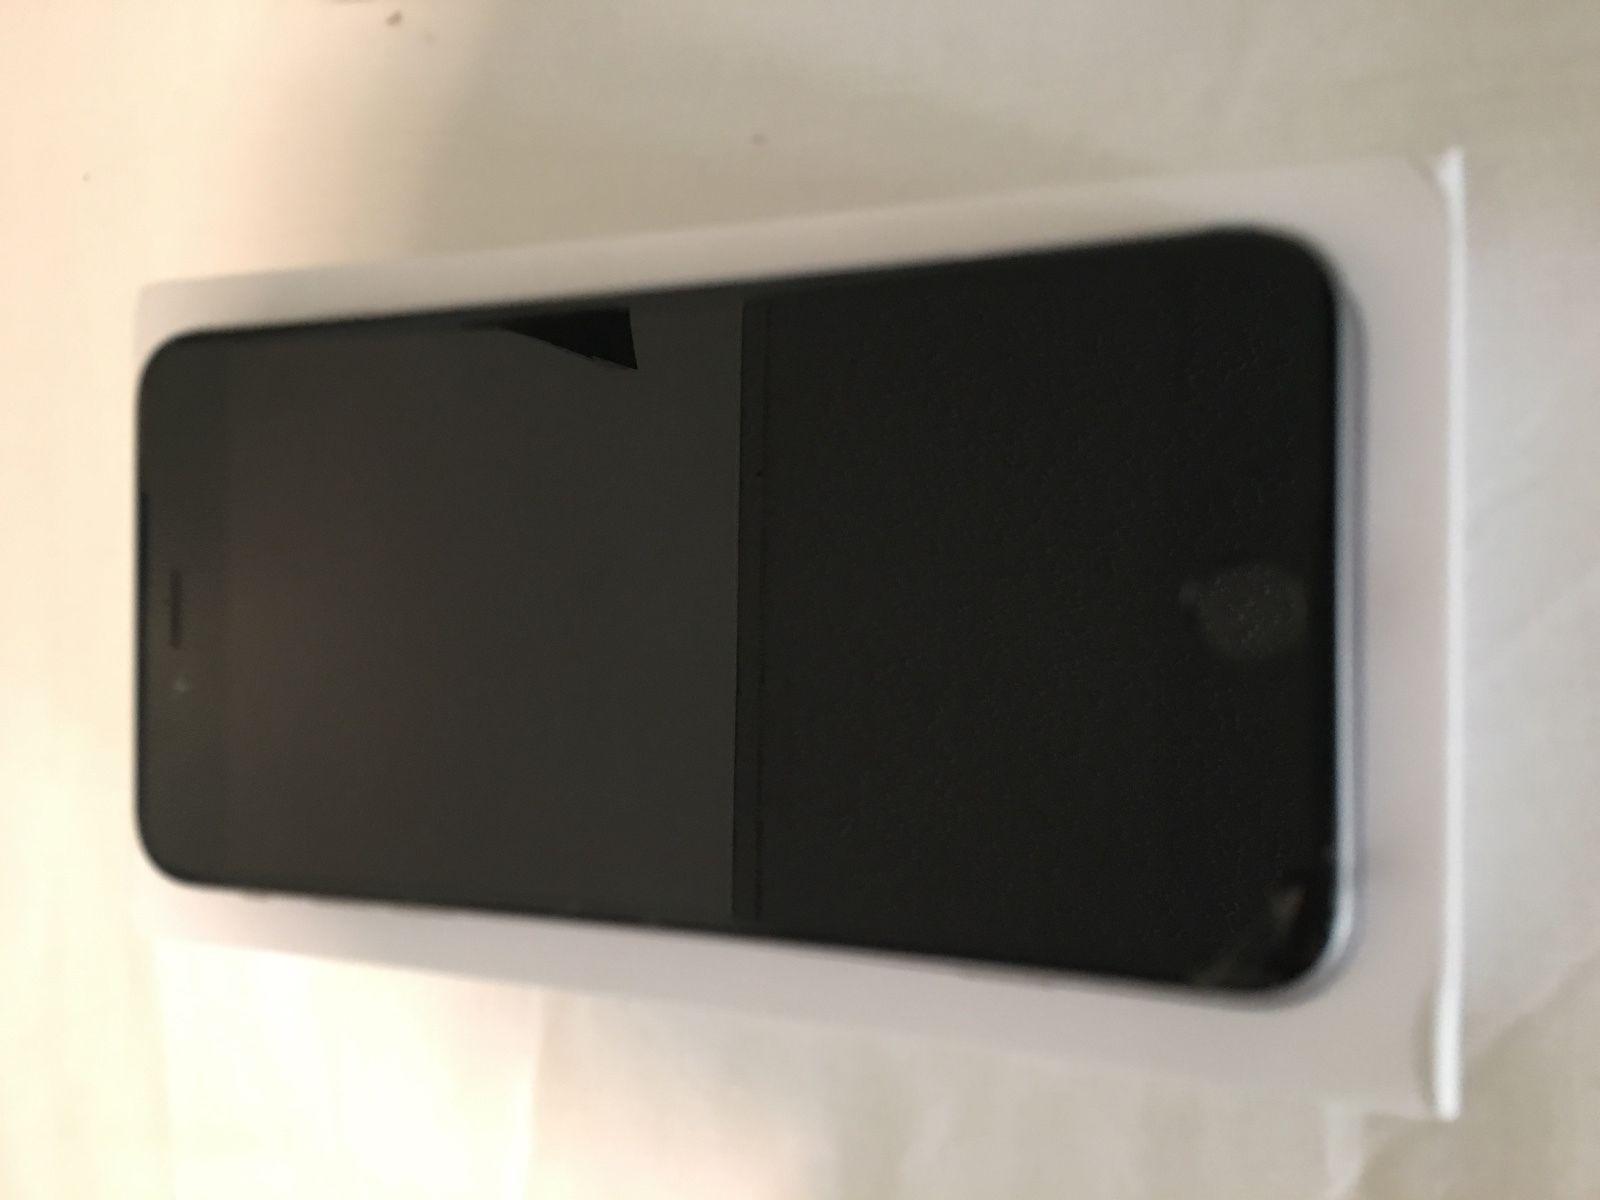 Apple iPhone 6 Plus - 64GB - Space Gray (Verizon) Smartphone https://t.co/U0fafyoT1k https://t.co/c6ixtRNlfk